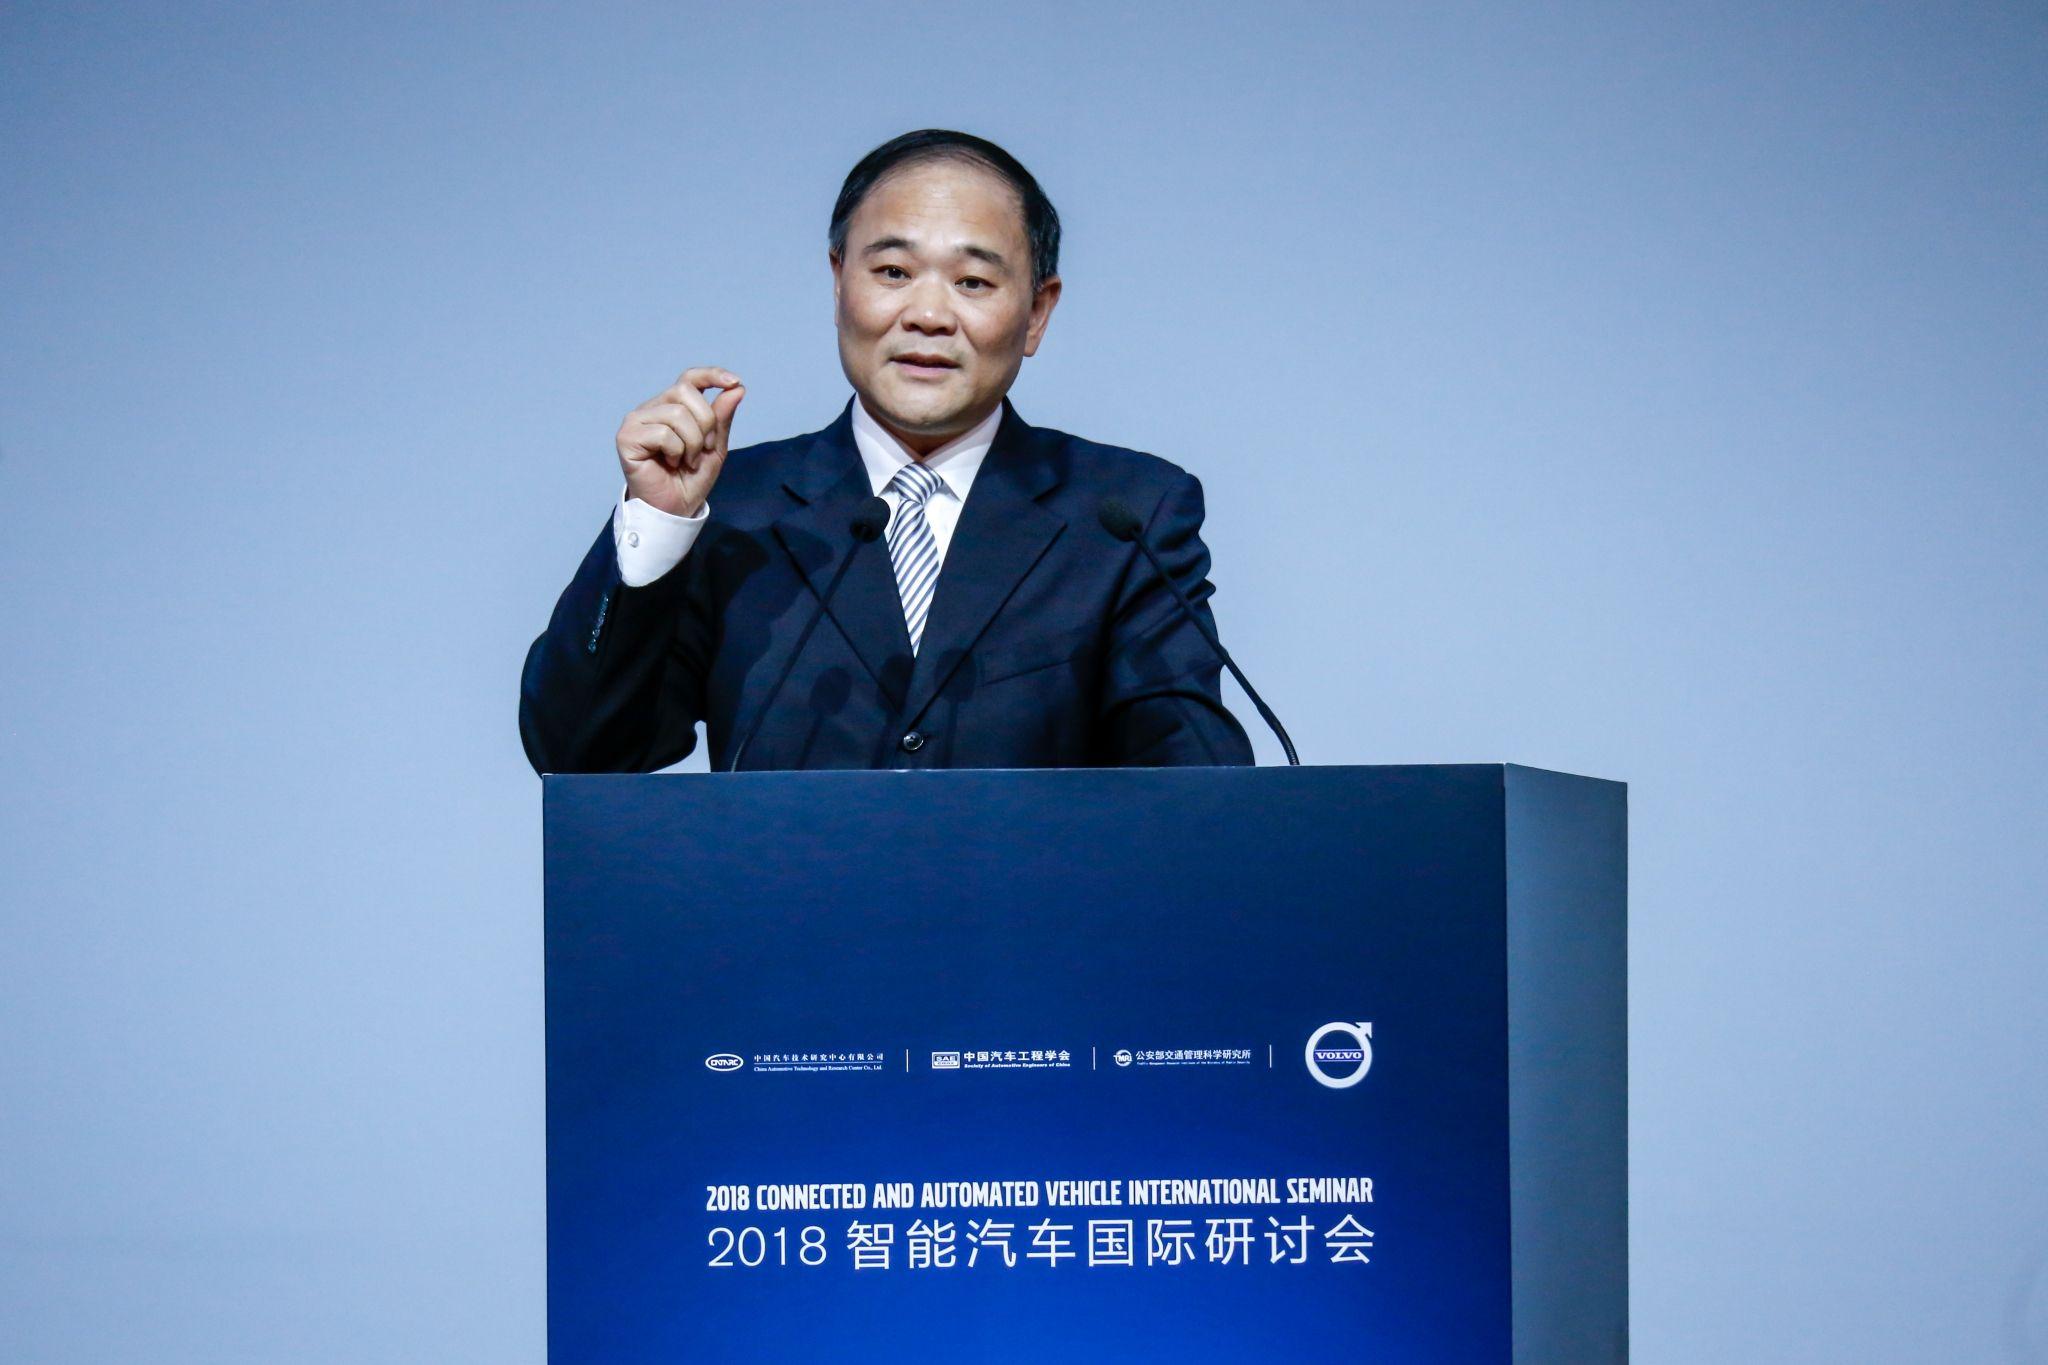 李书福:中国标准必将引领世界智能汽车发展